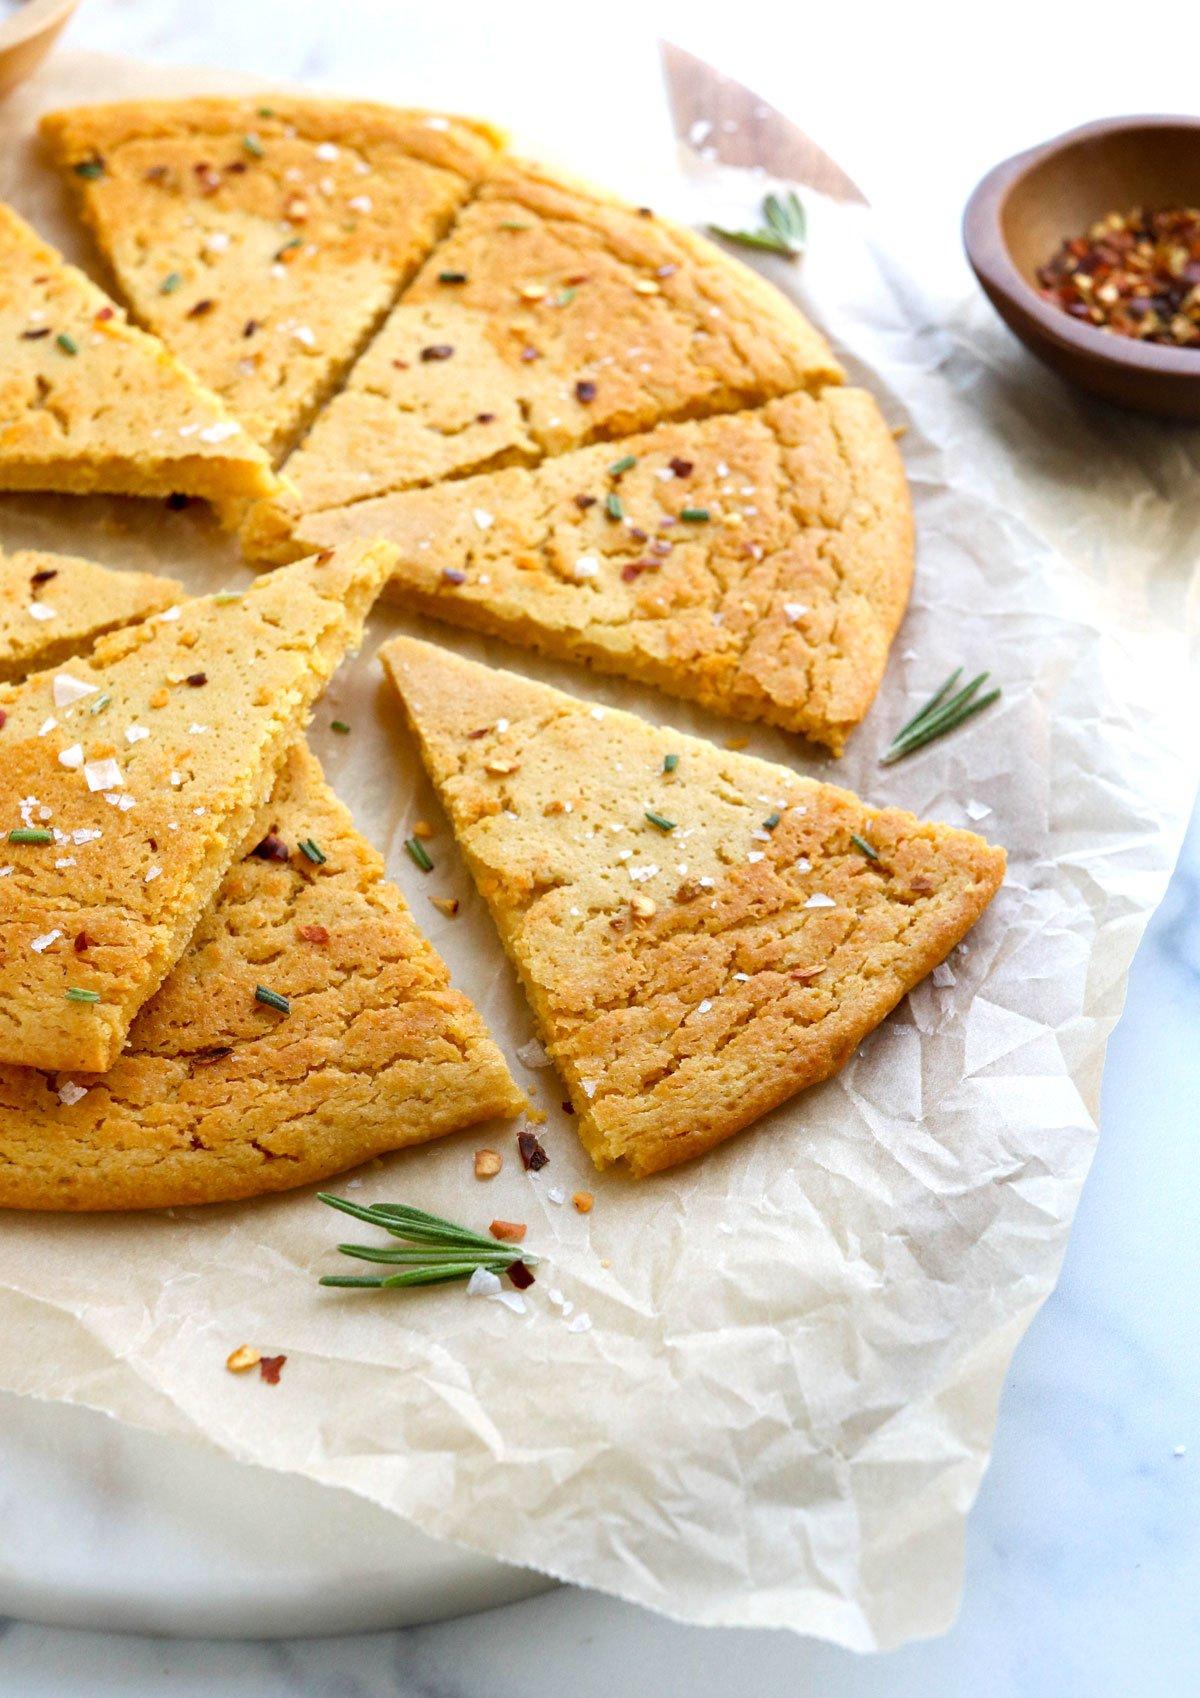 socca bread sliced into triangles